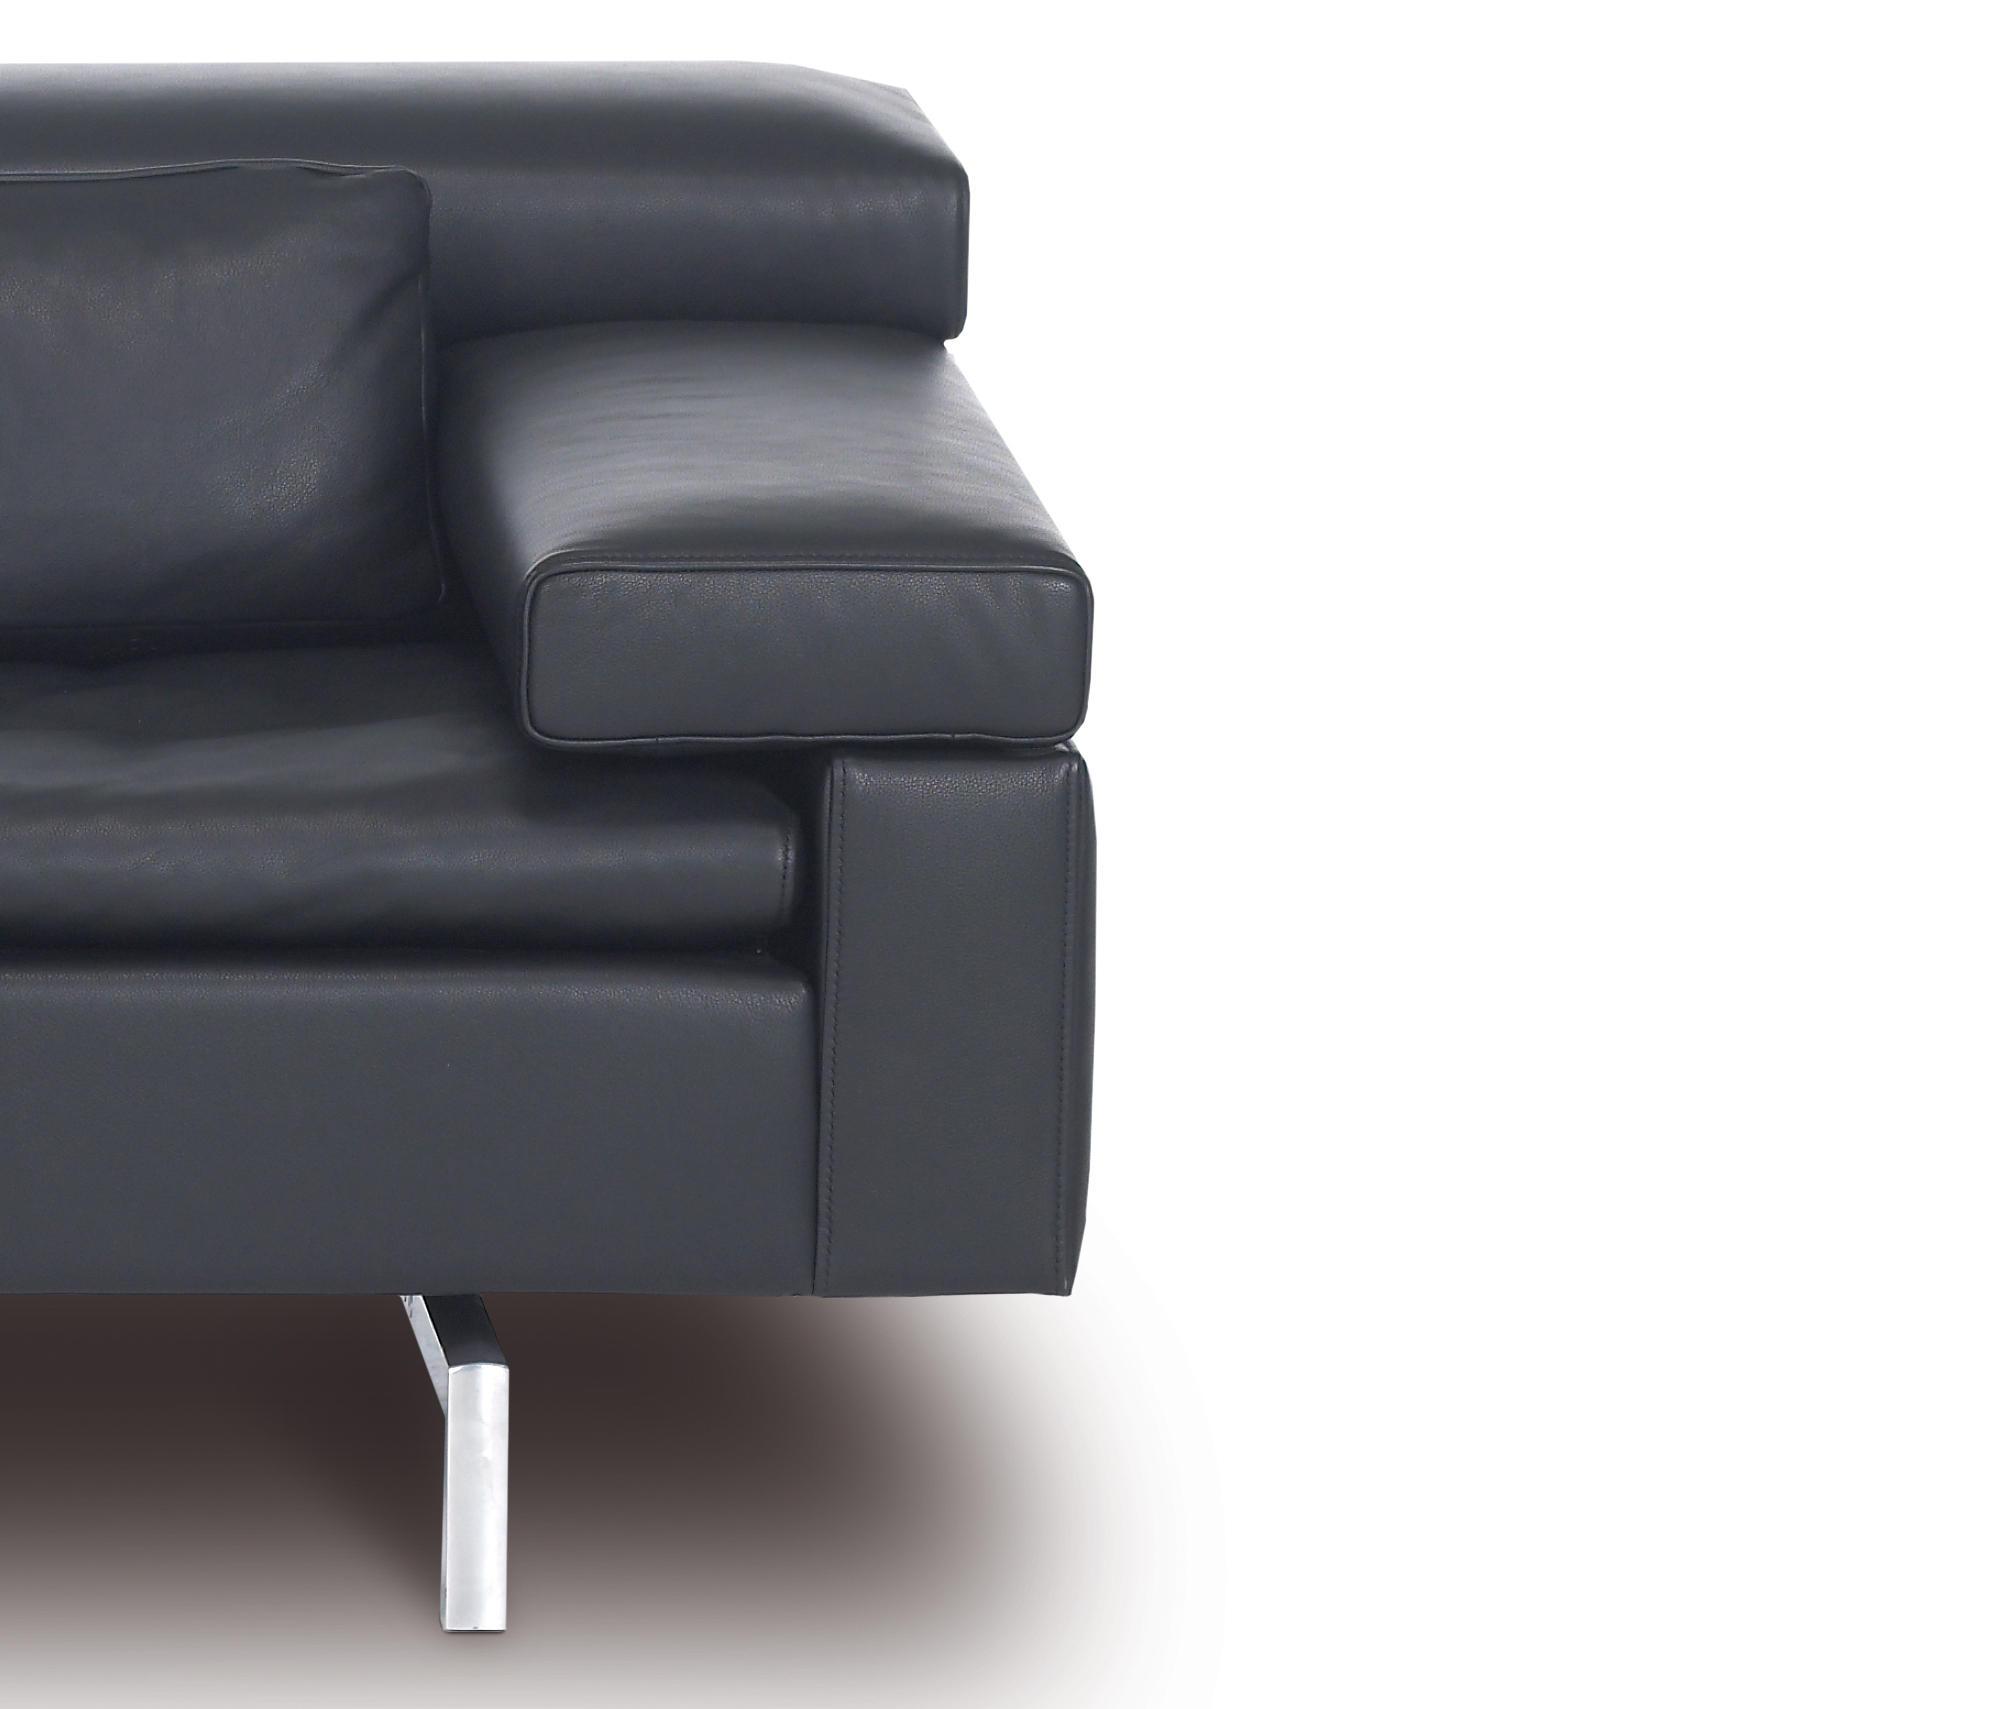 SHIVA ECKSOFA  Modulare Sitzgruppen von Jori  Architonic